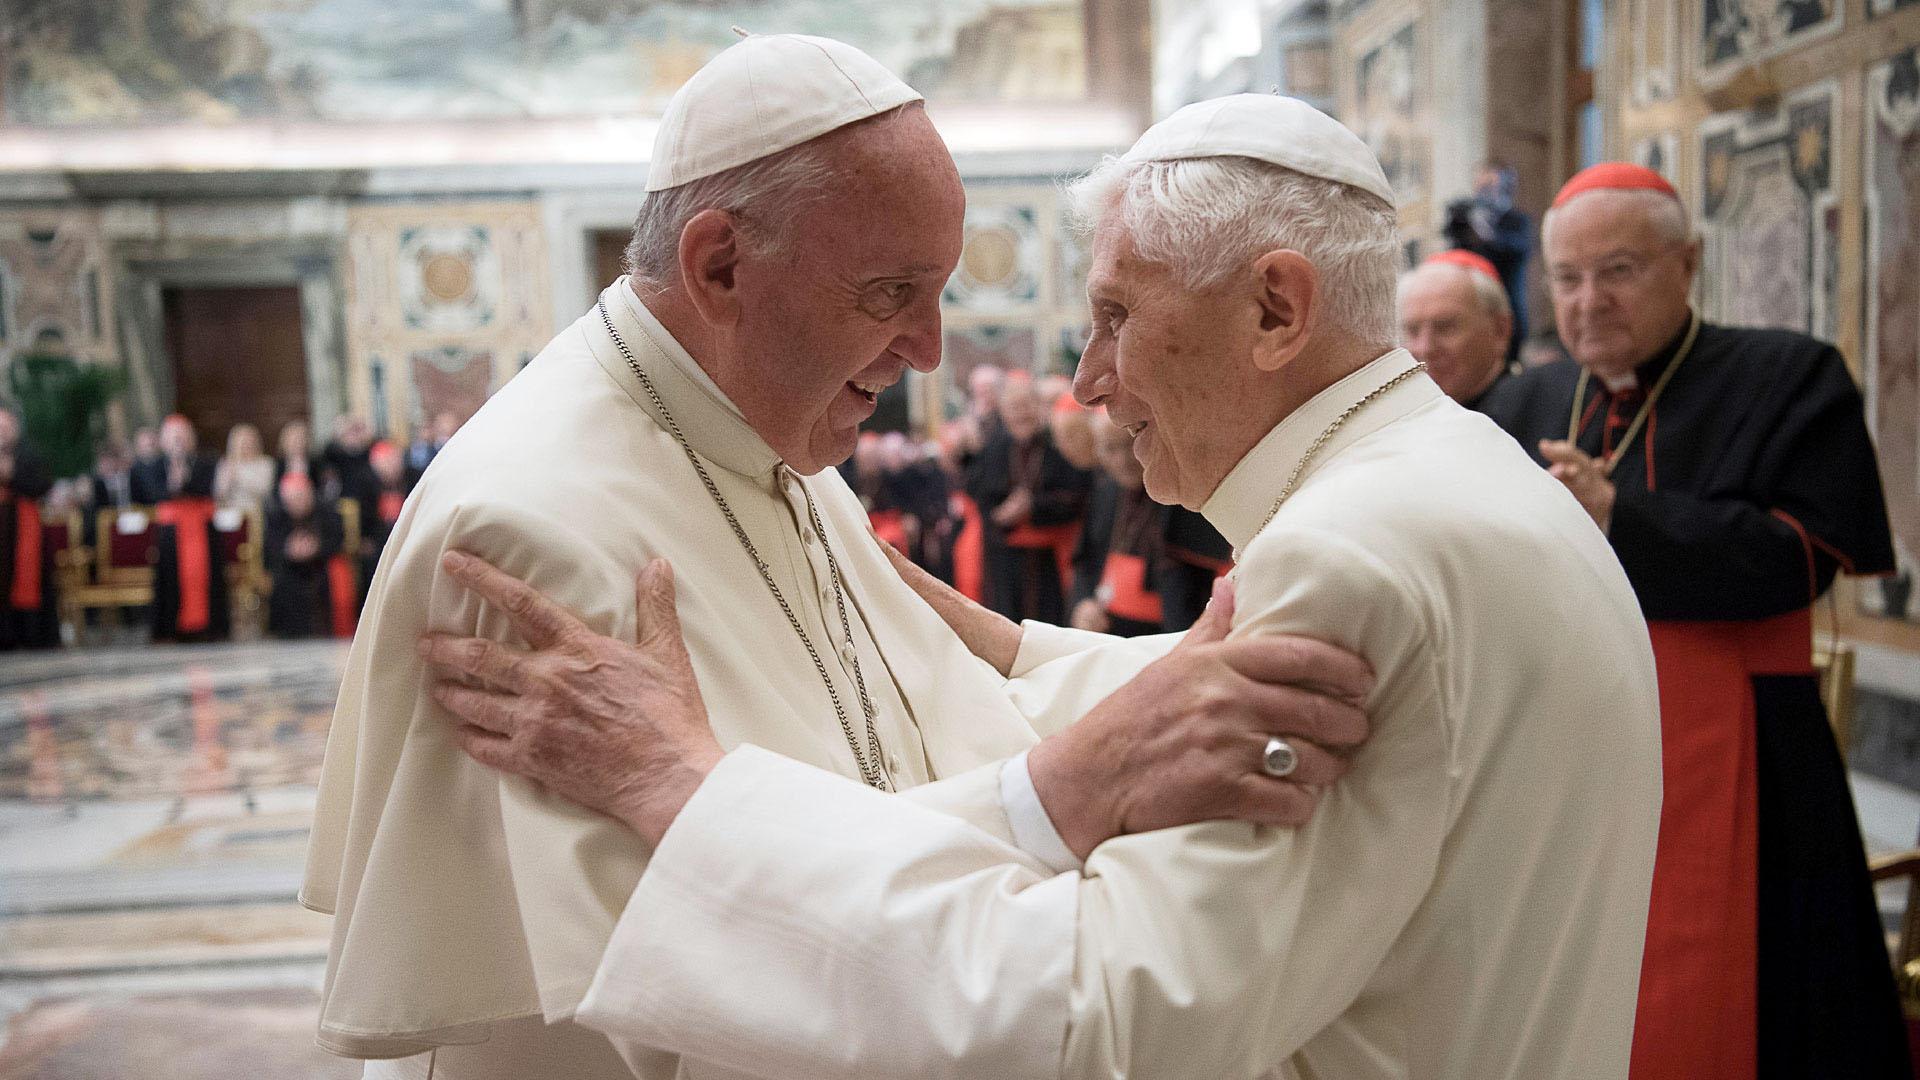 El papa Francisco junto a Benedicto XVI, quien renunció a su cargo en febrero de 2013